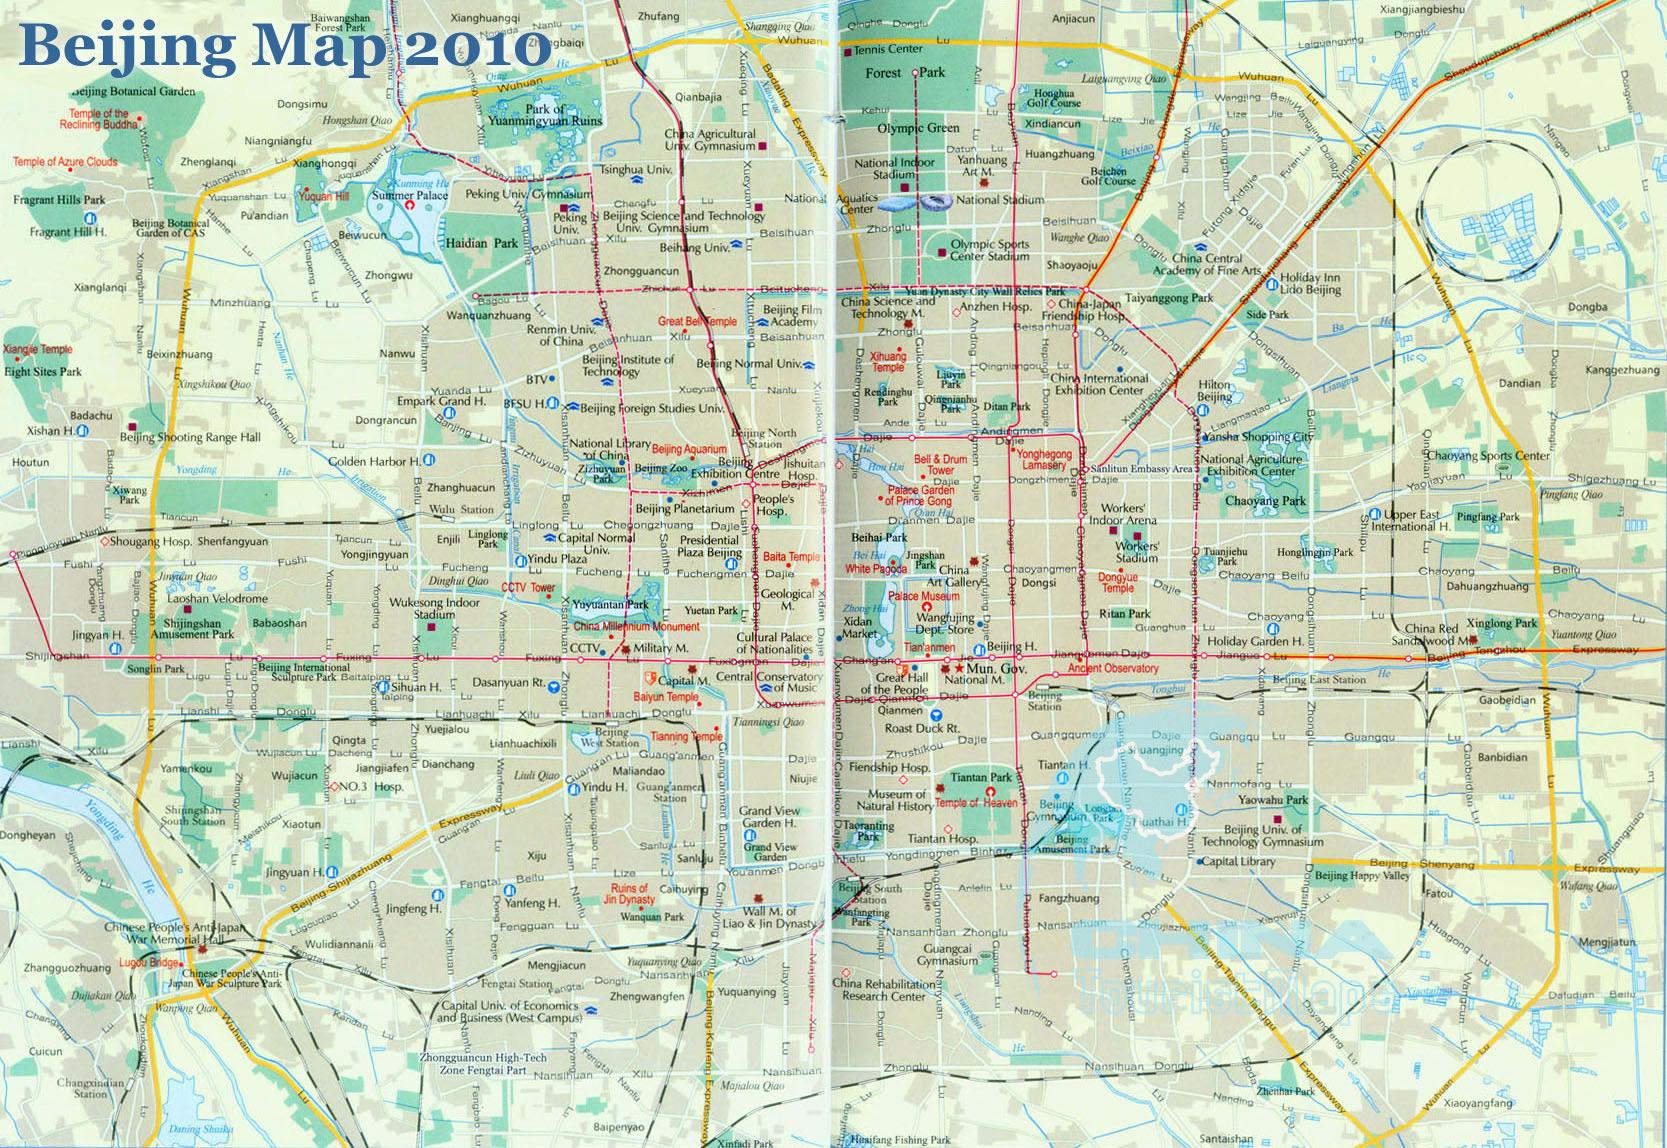 beijing-map-2010